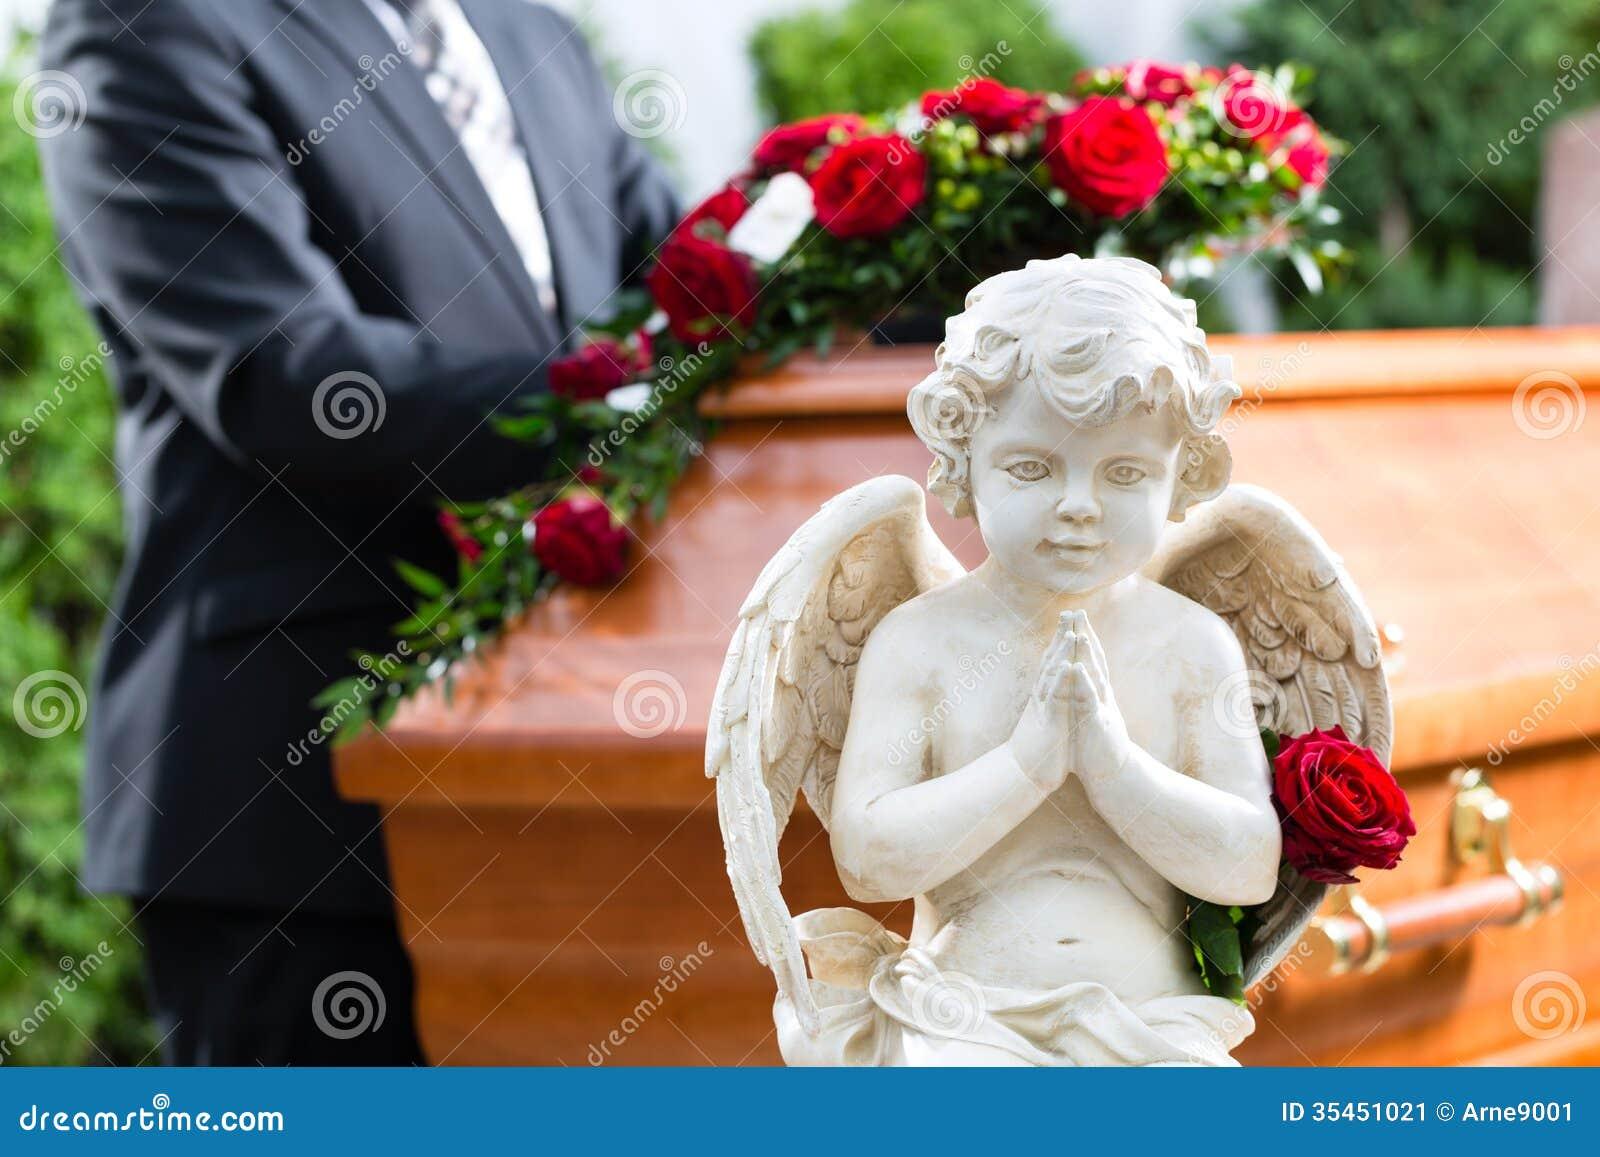 Uomo di dolore al funerale con la bara